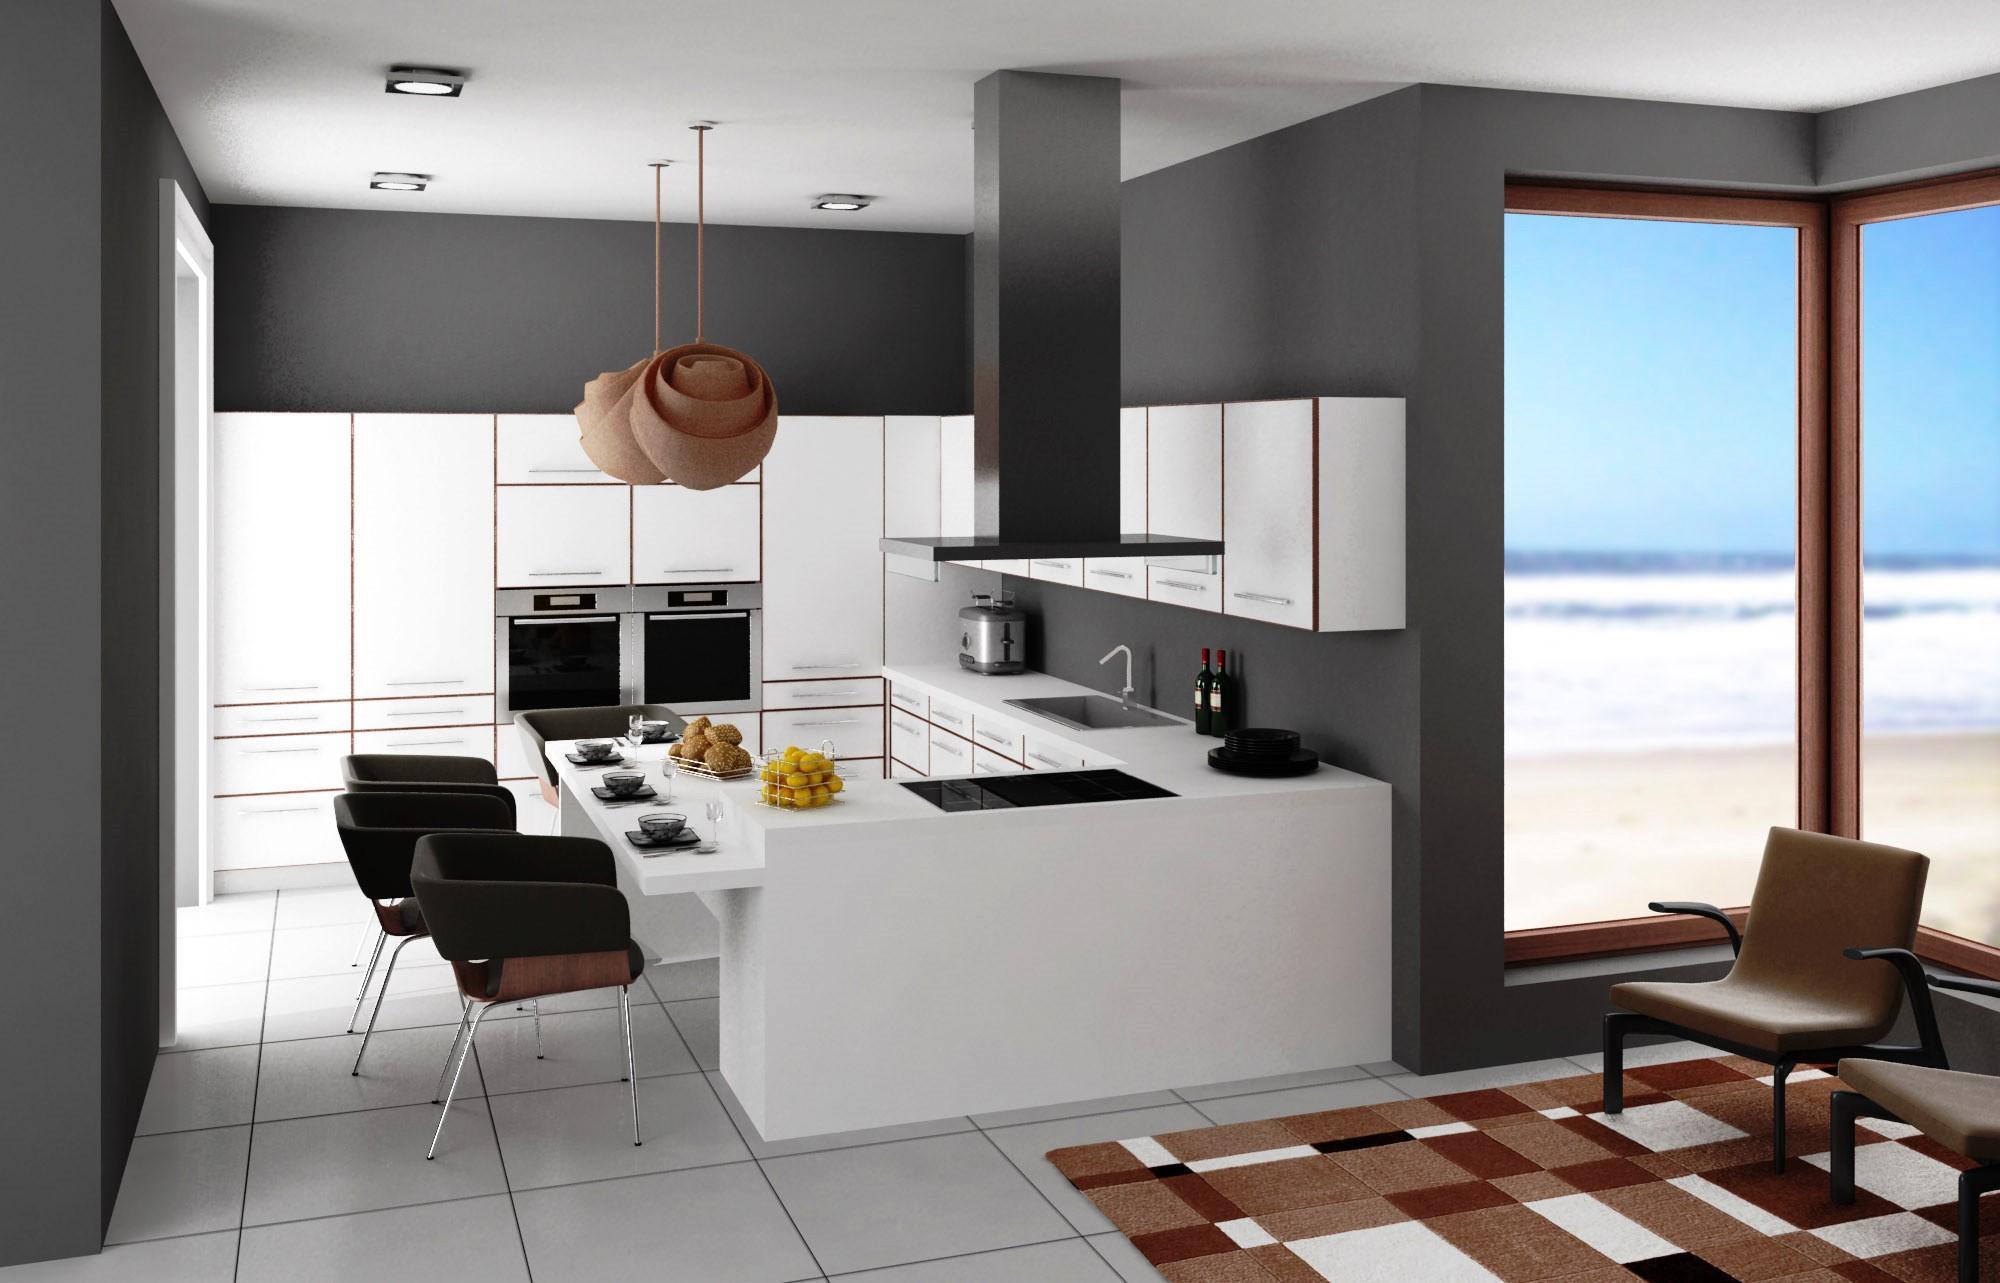 As cozinhas de estilo moderno são compostas por móveis lisos que facilitam a sua limpeza e dificultam a acumulação de sujidade.